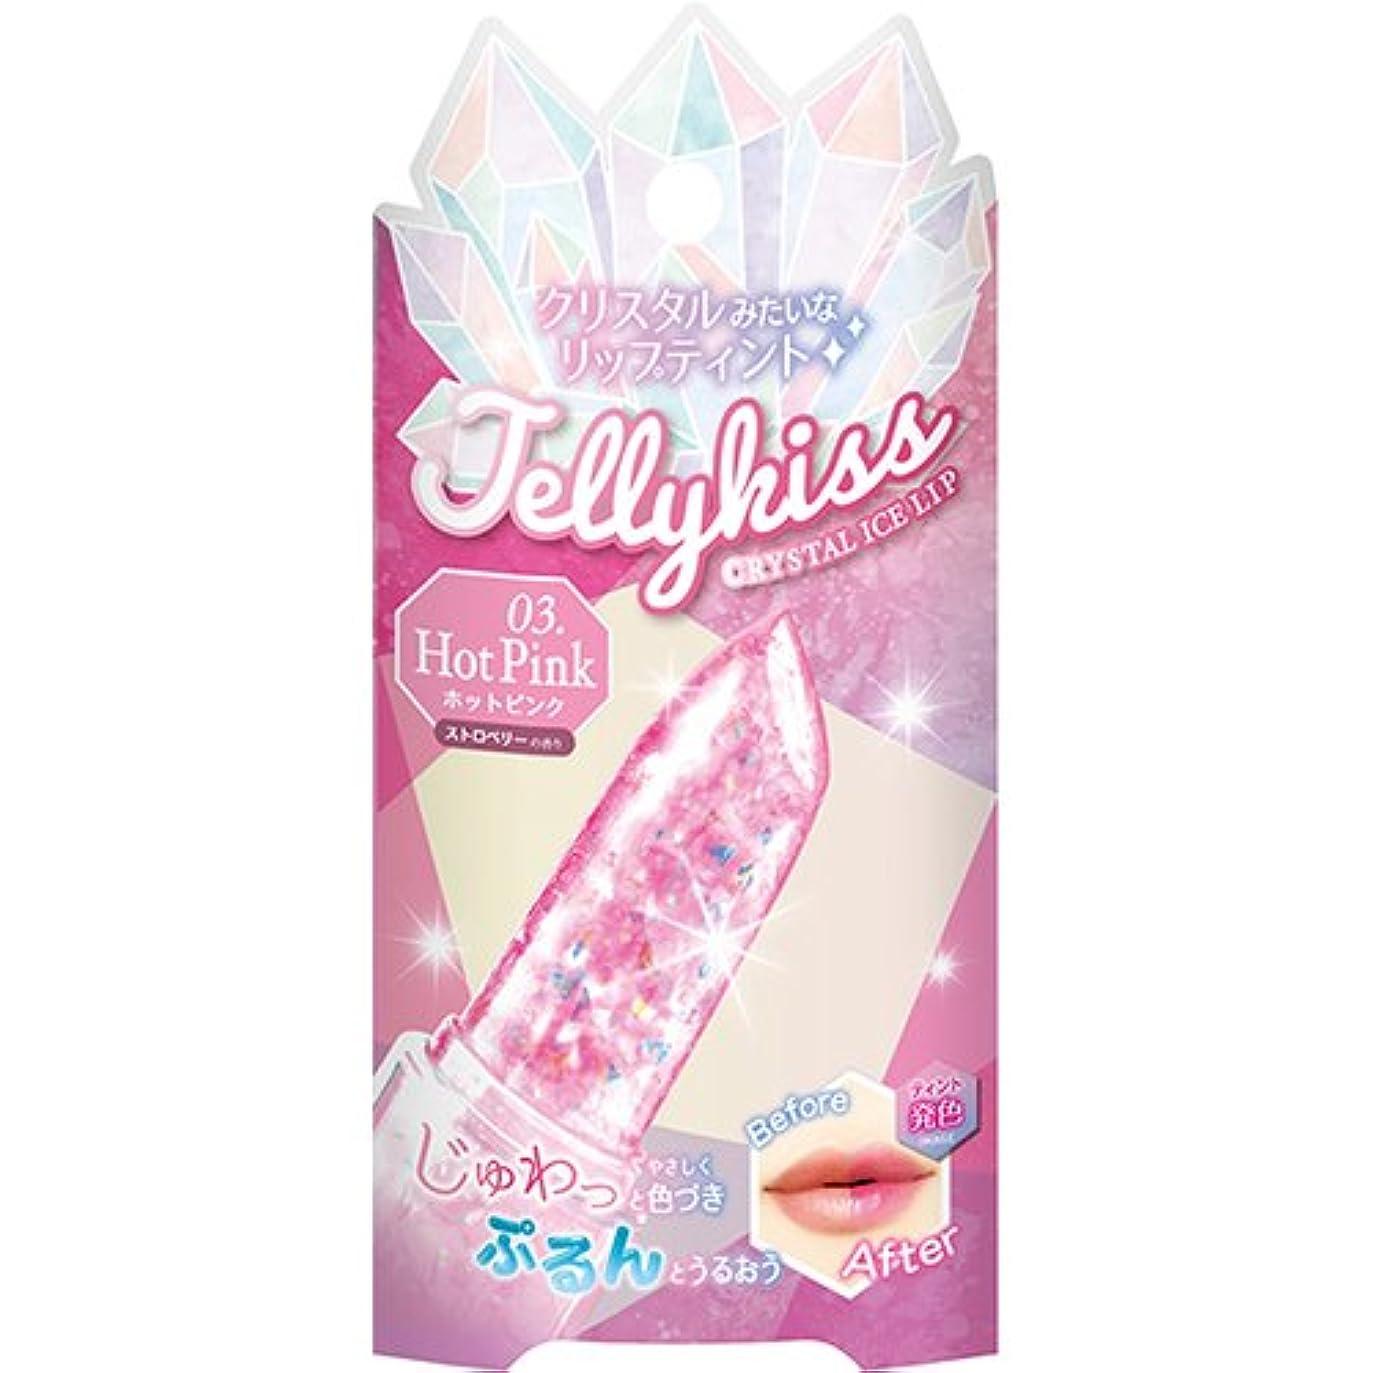 摂氏度豆腐インシュレータジェリキス クリスタルアイスリップ 03 ホットピンク